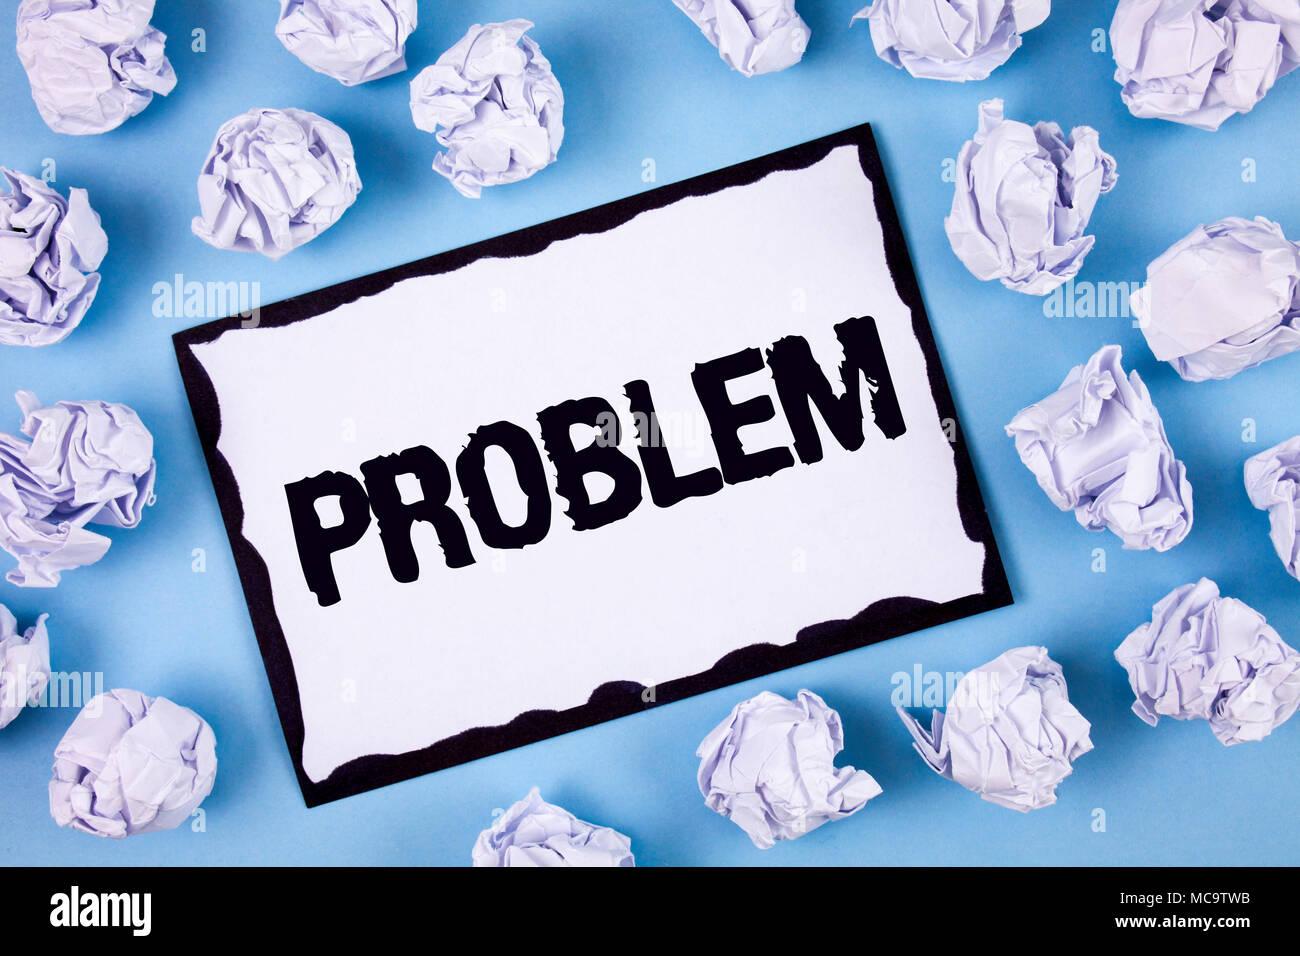 L'écriture de texte mot problème. Pour le concept d'affaires qui doivent être résolus Situation difficile blanc écrit Complication post-it papier dans Photo Stock